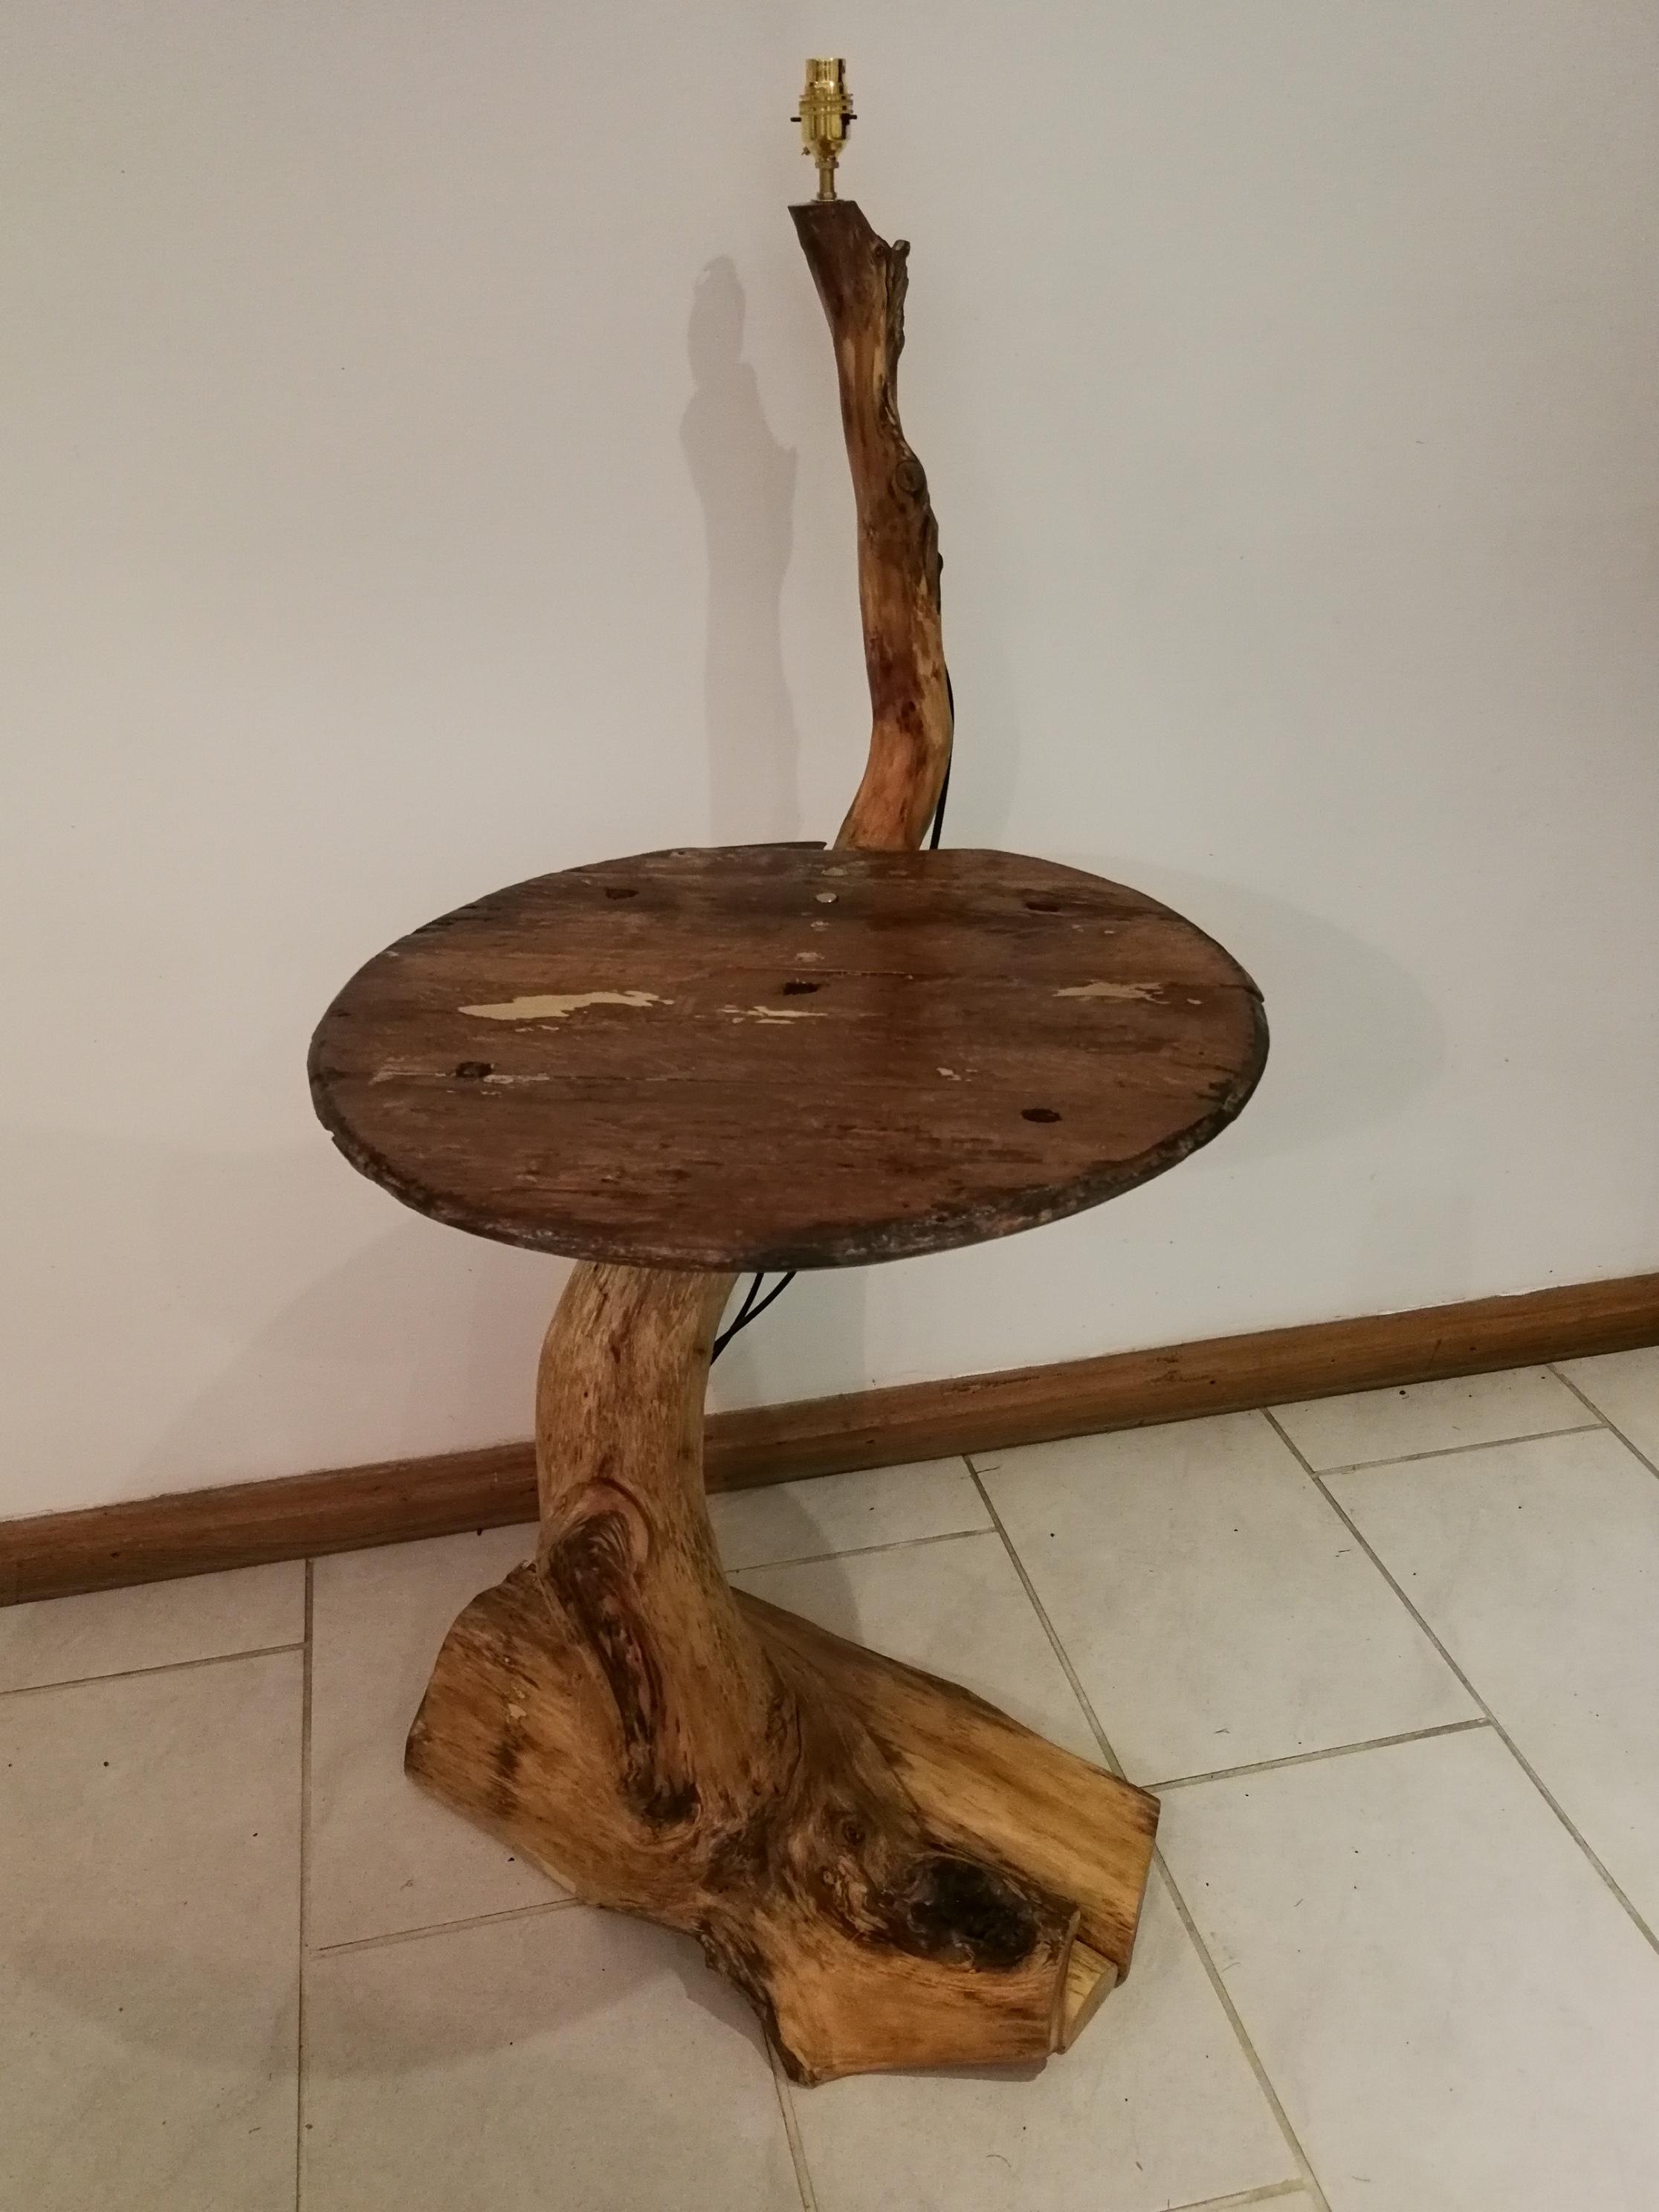 Tree Branch Floor Standing Lamp